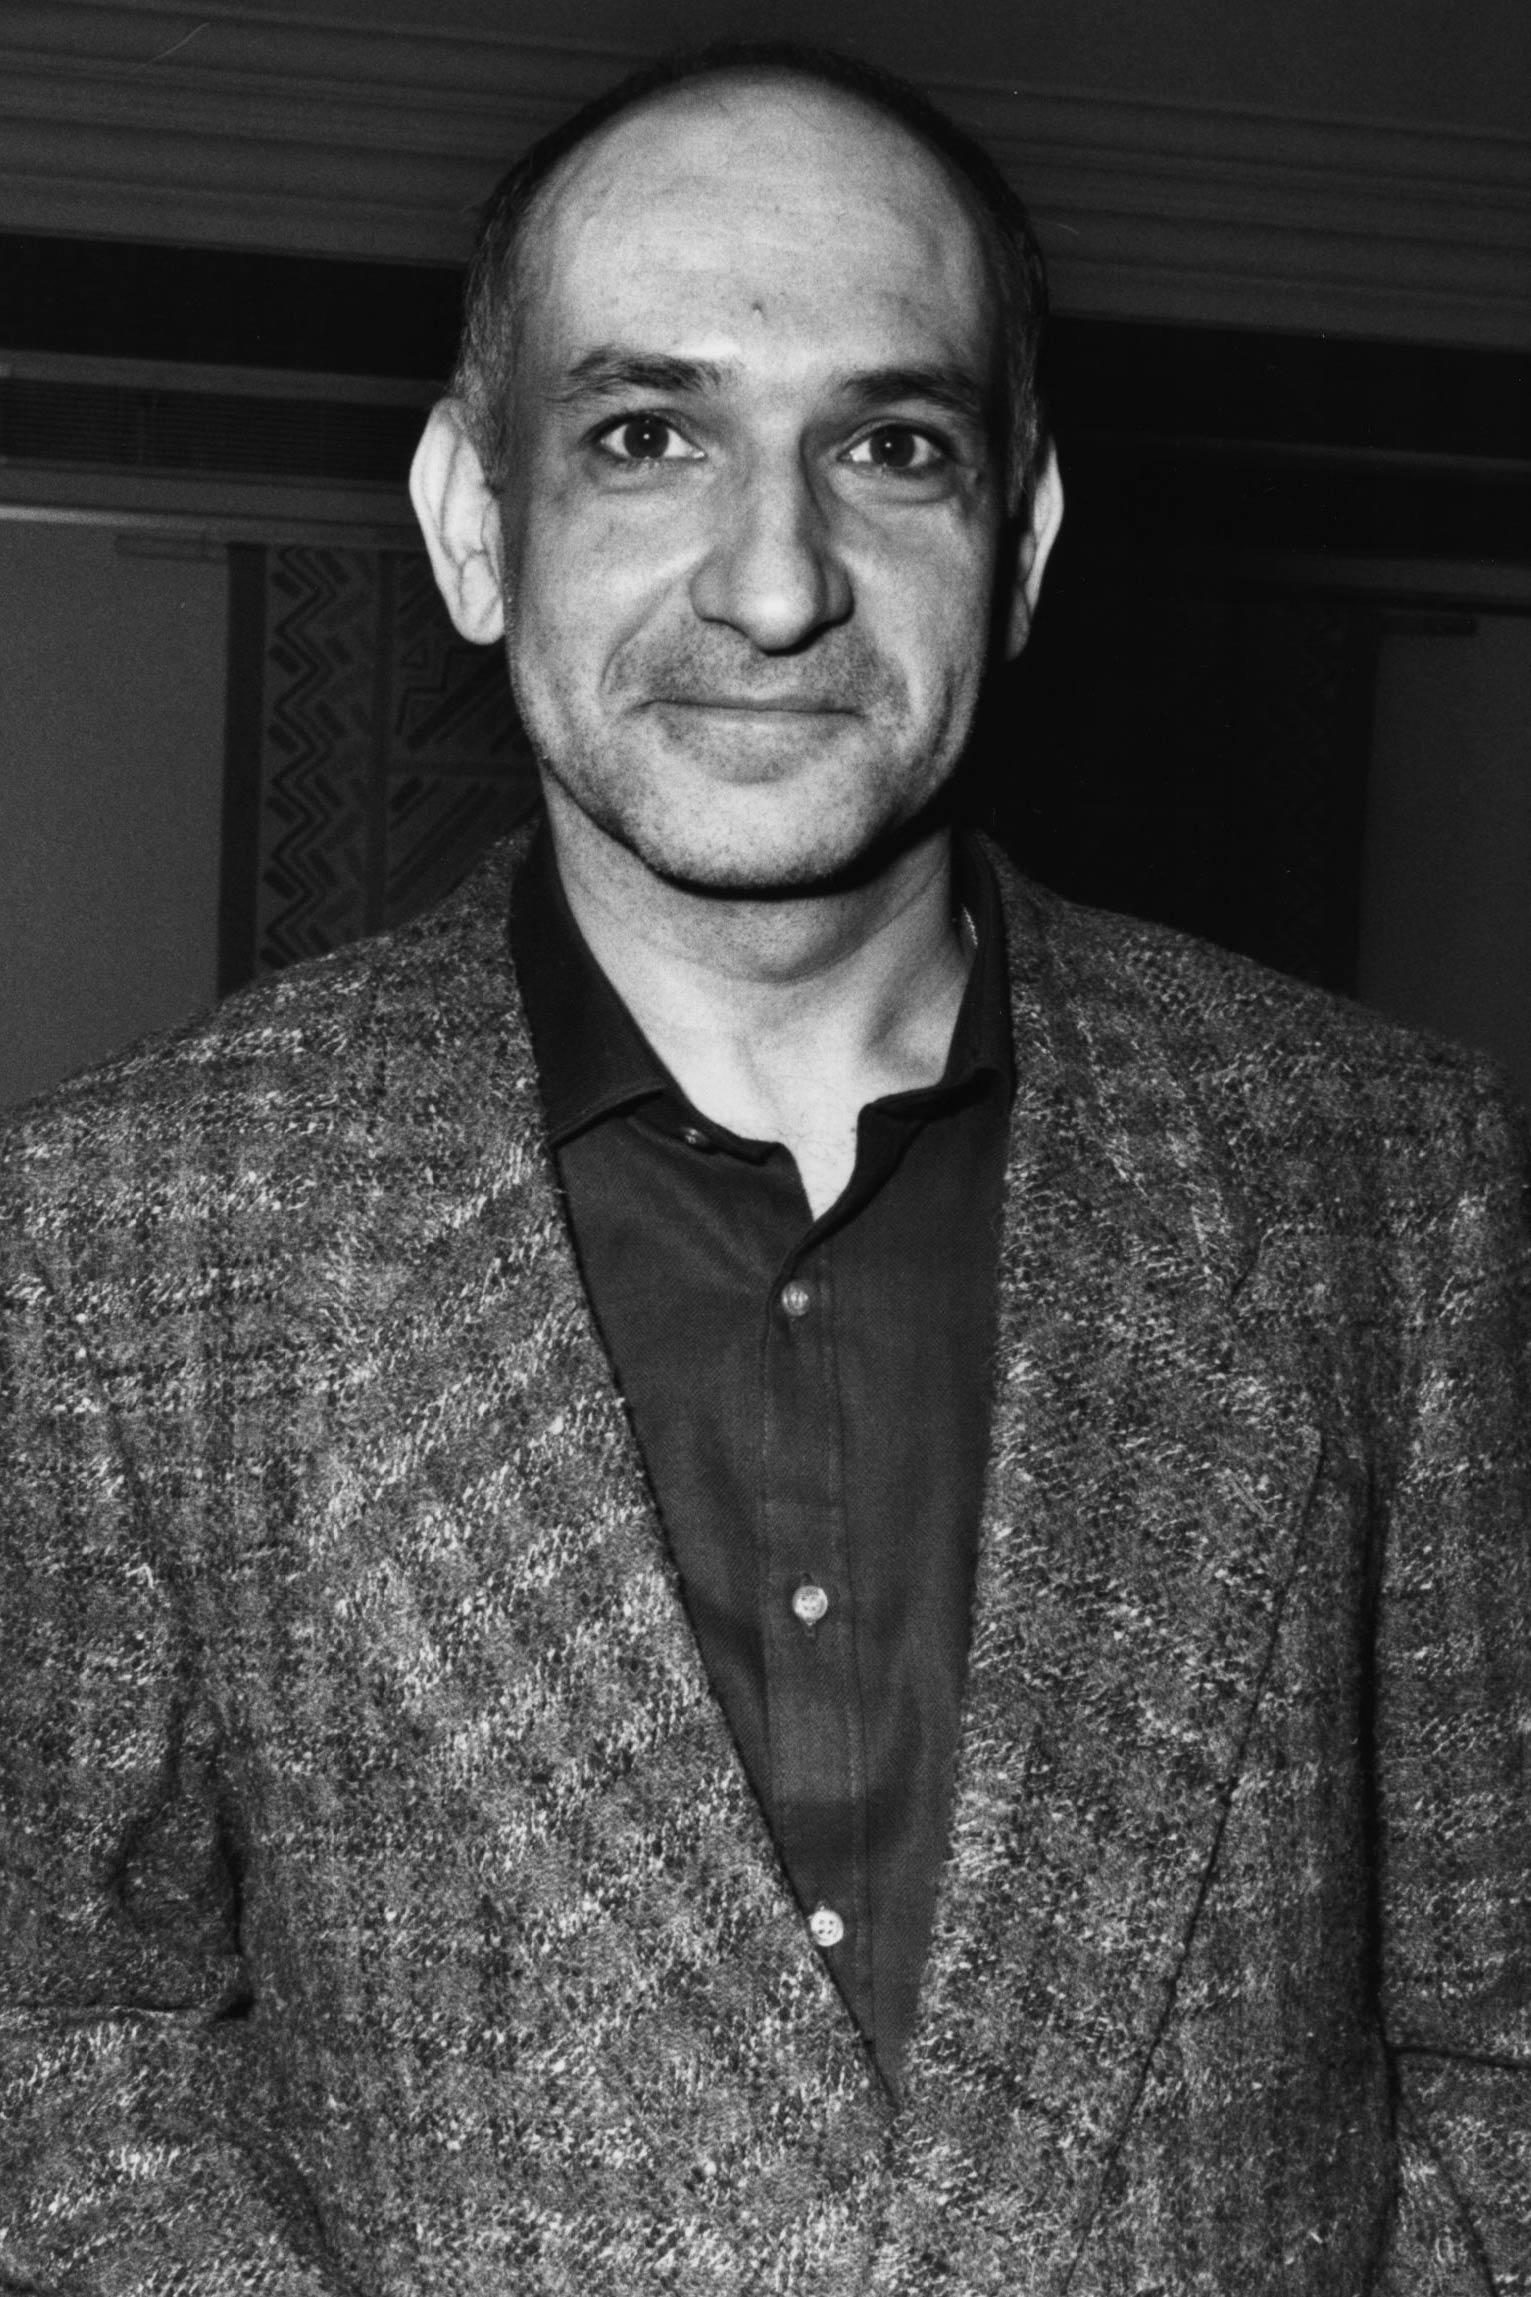 <strong>1983: Ben Kingsley - <i>Gandhi</i></strong>